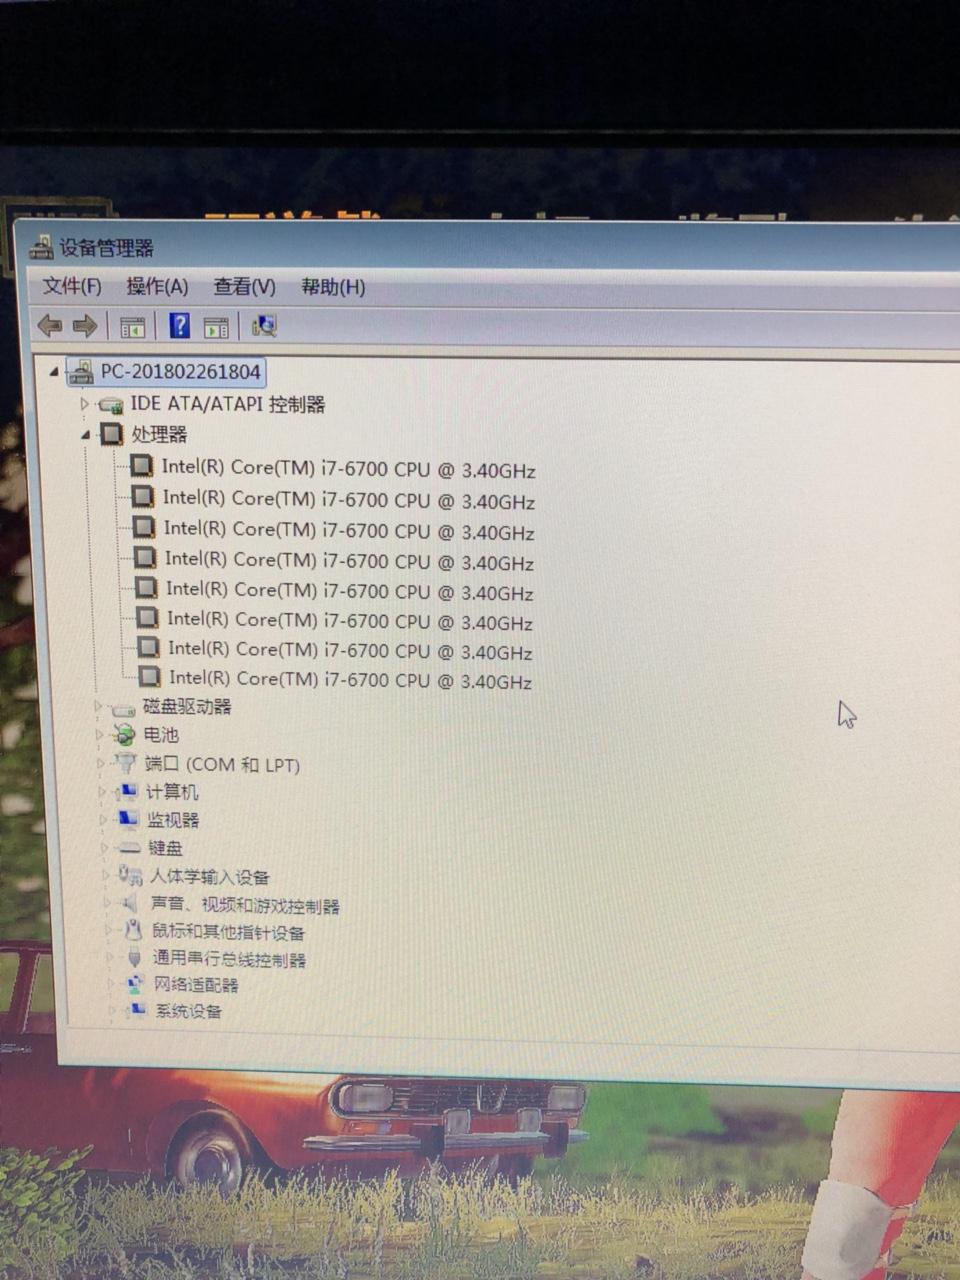 吃鸡高配  i7 6700 显卡华硕1060 6G 四代内存16G 128聚集态硬盘  1T硬盘 华硕...